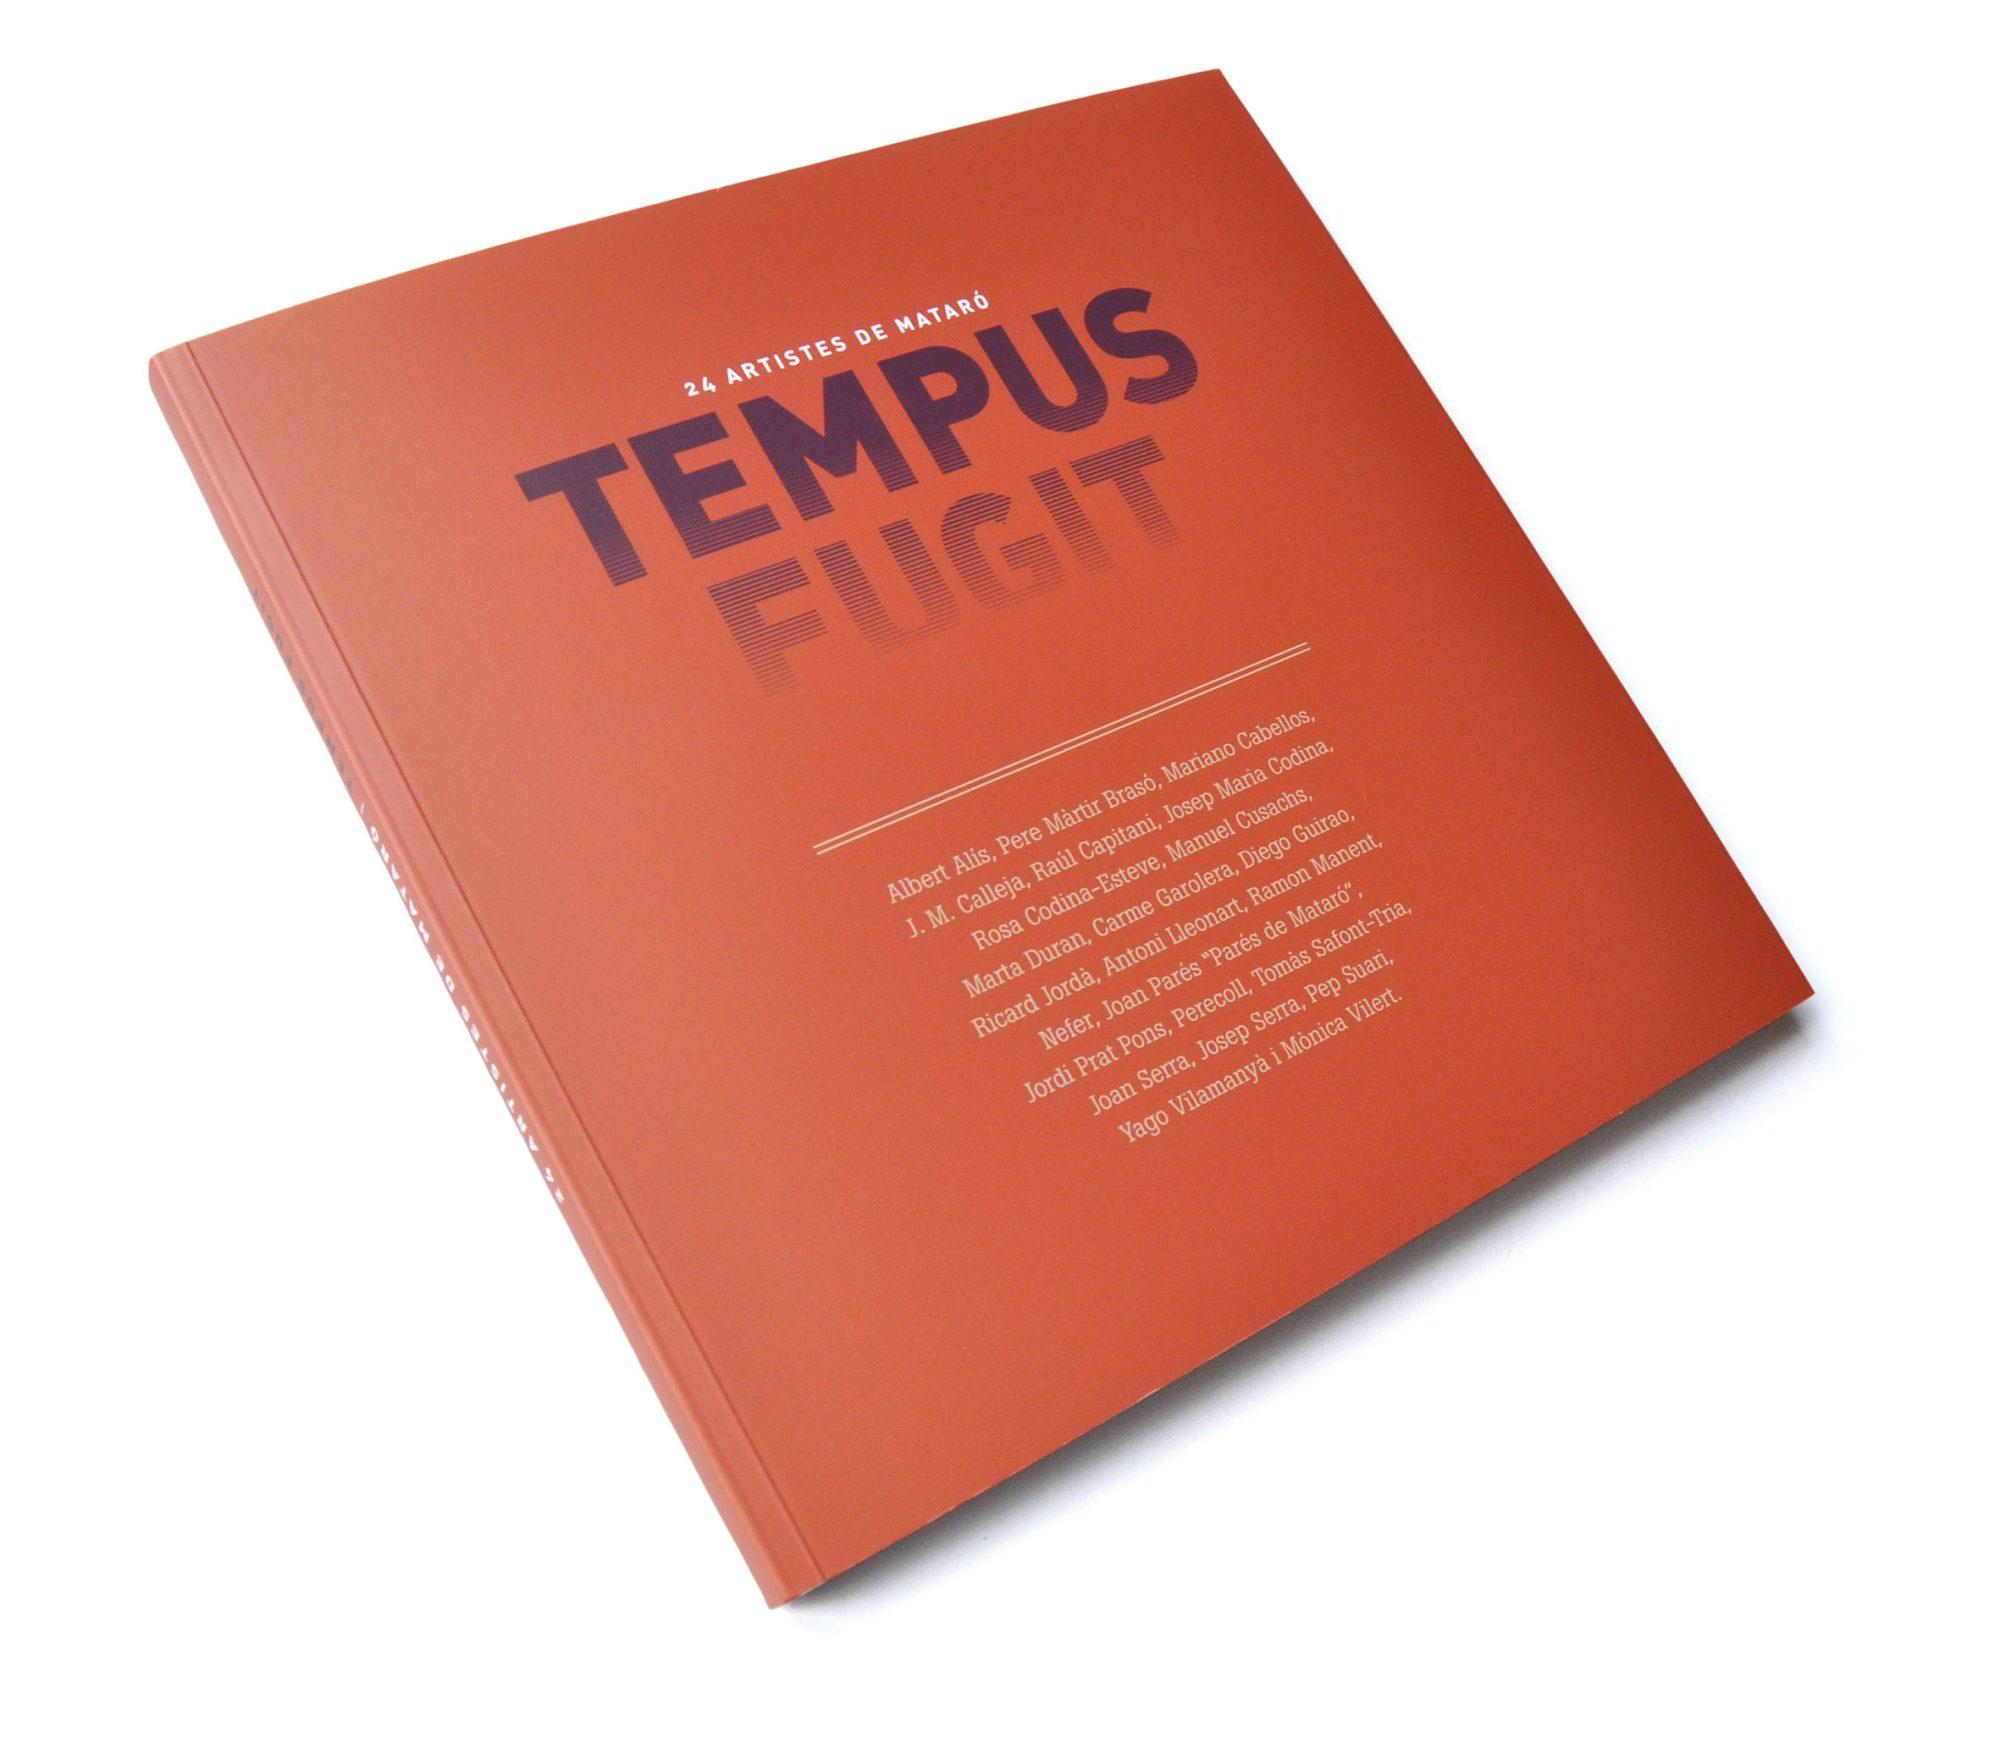 Tempus-fugit-cataleg